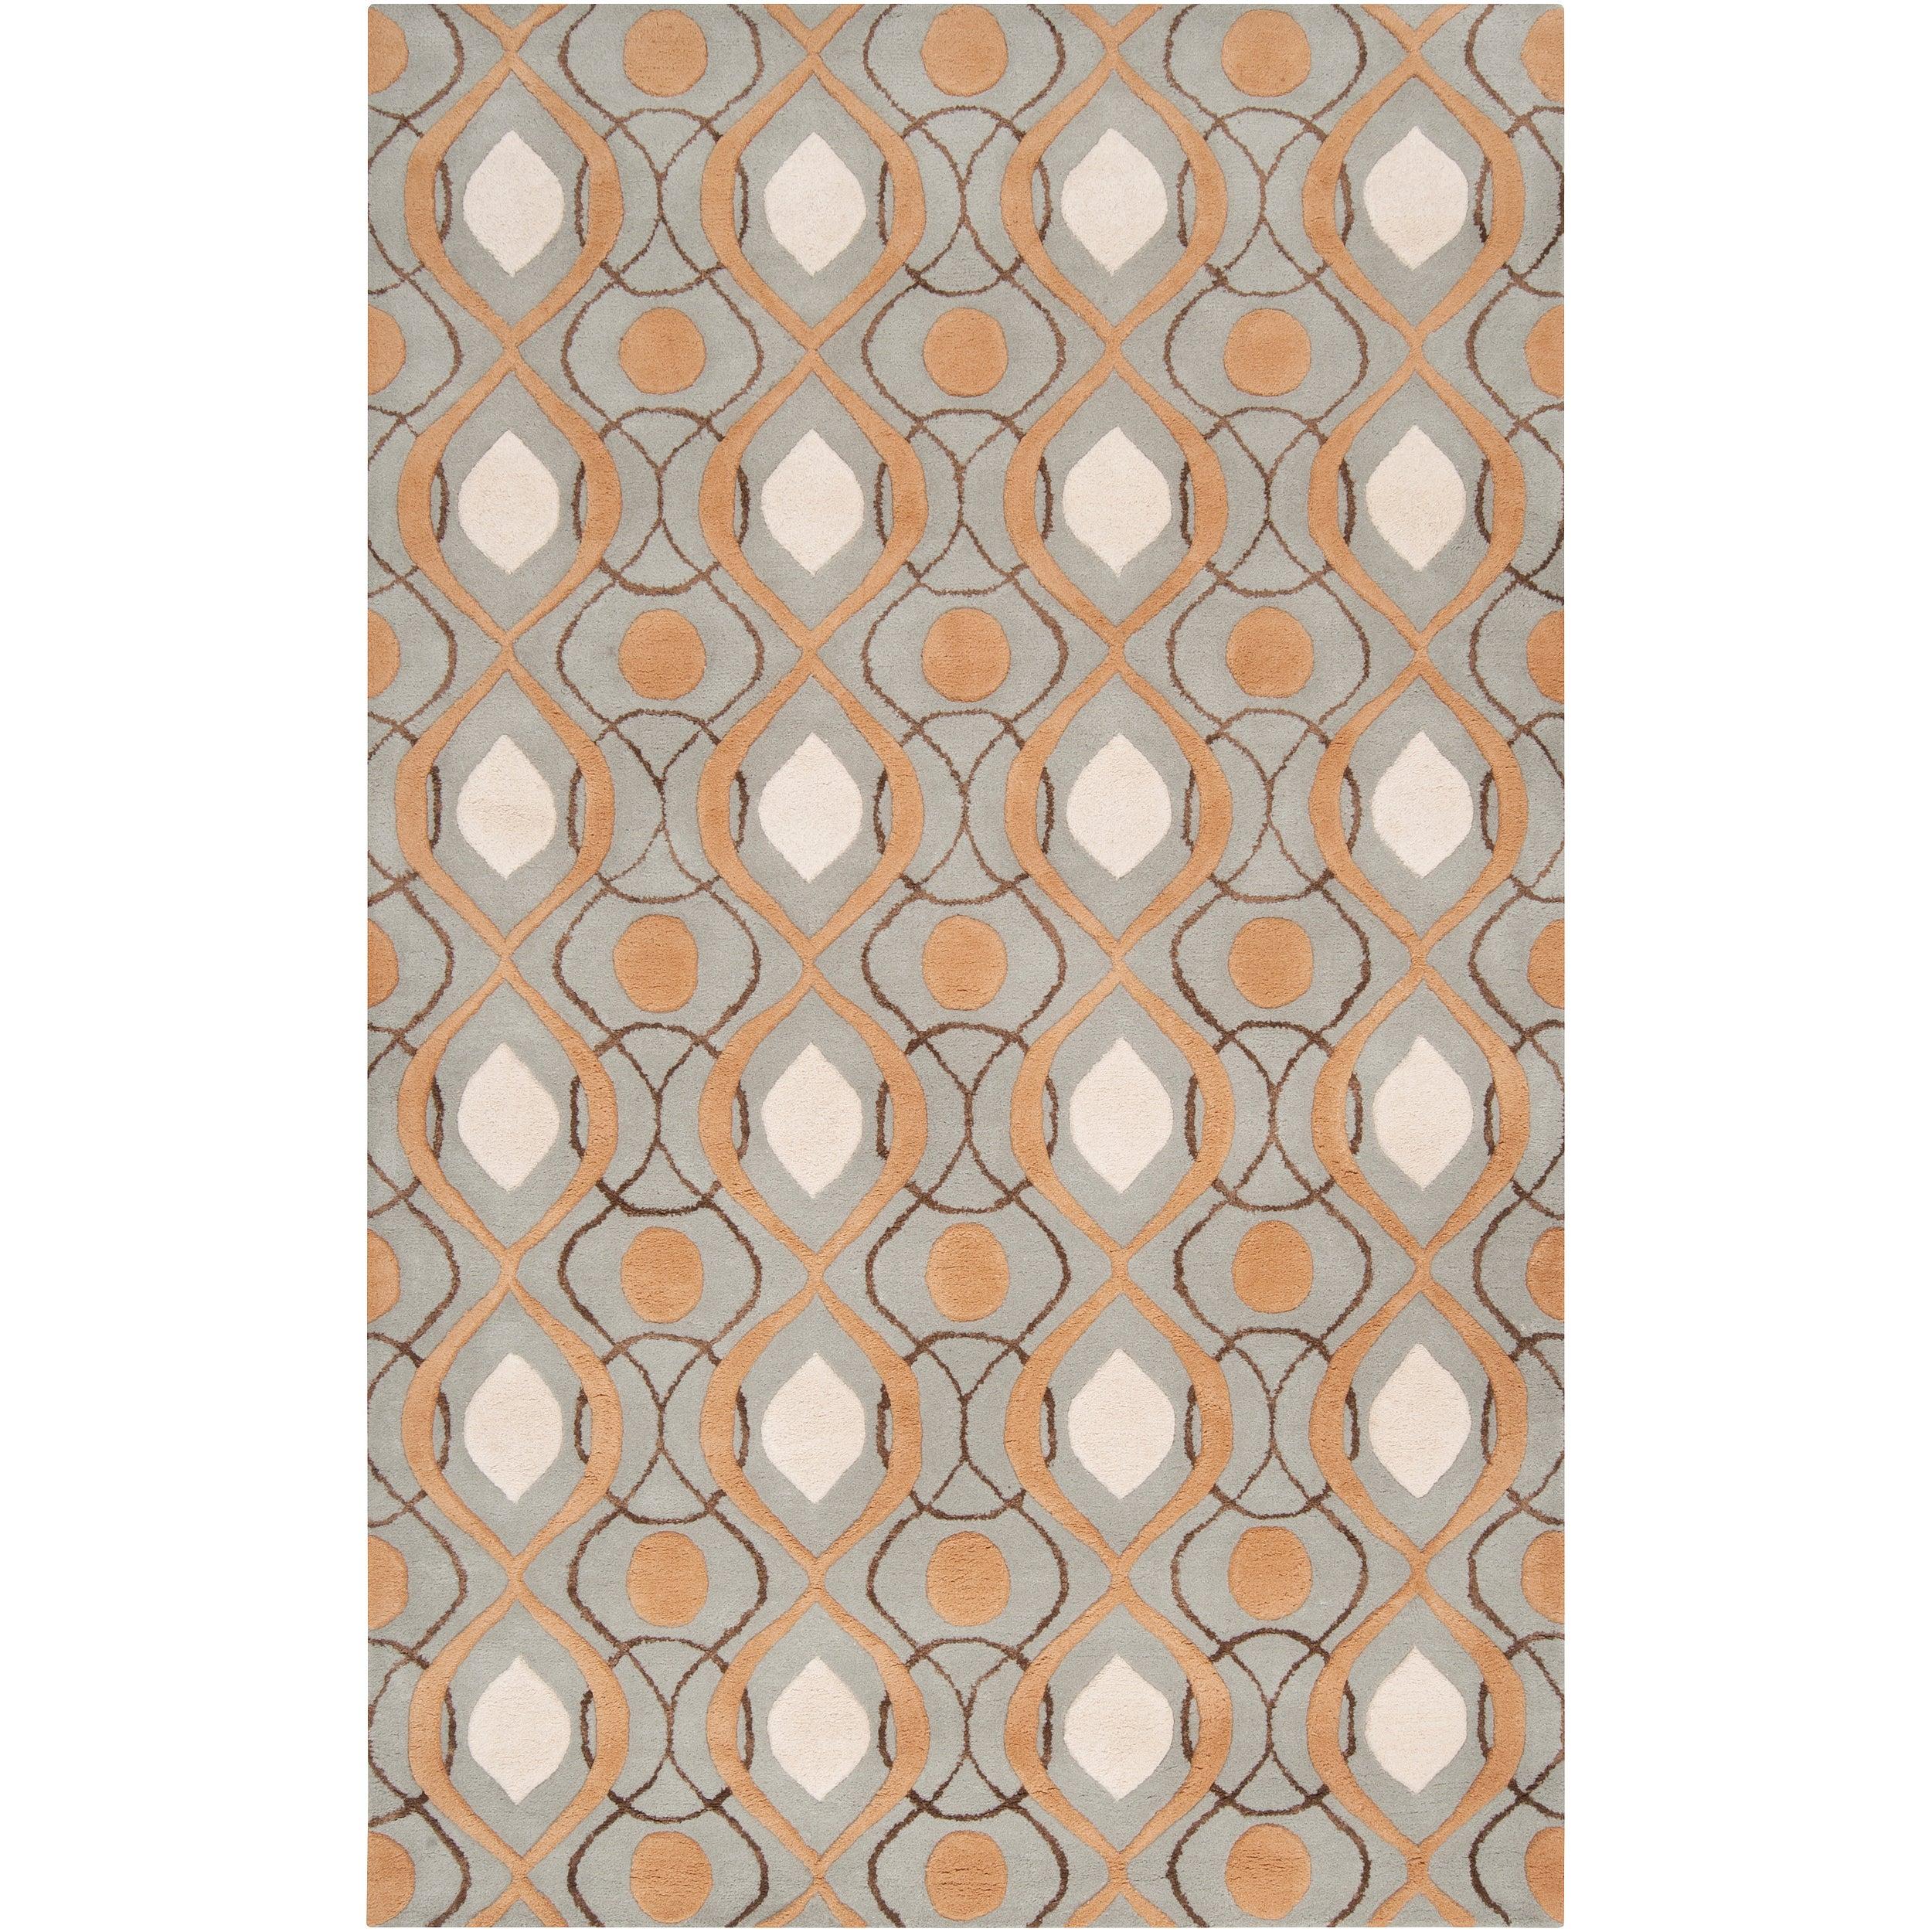 Hand-tufted Orange Stonehenge Moroccan Tile Wool Rug (5' X